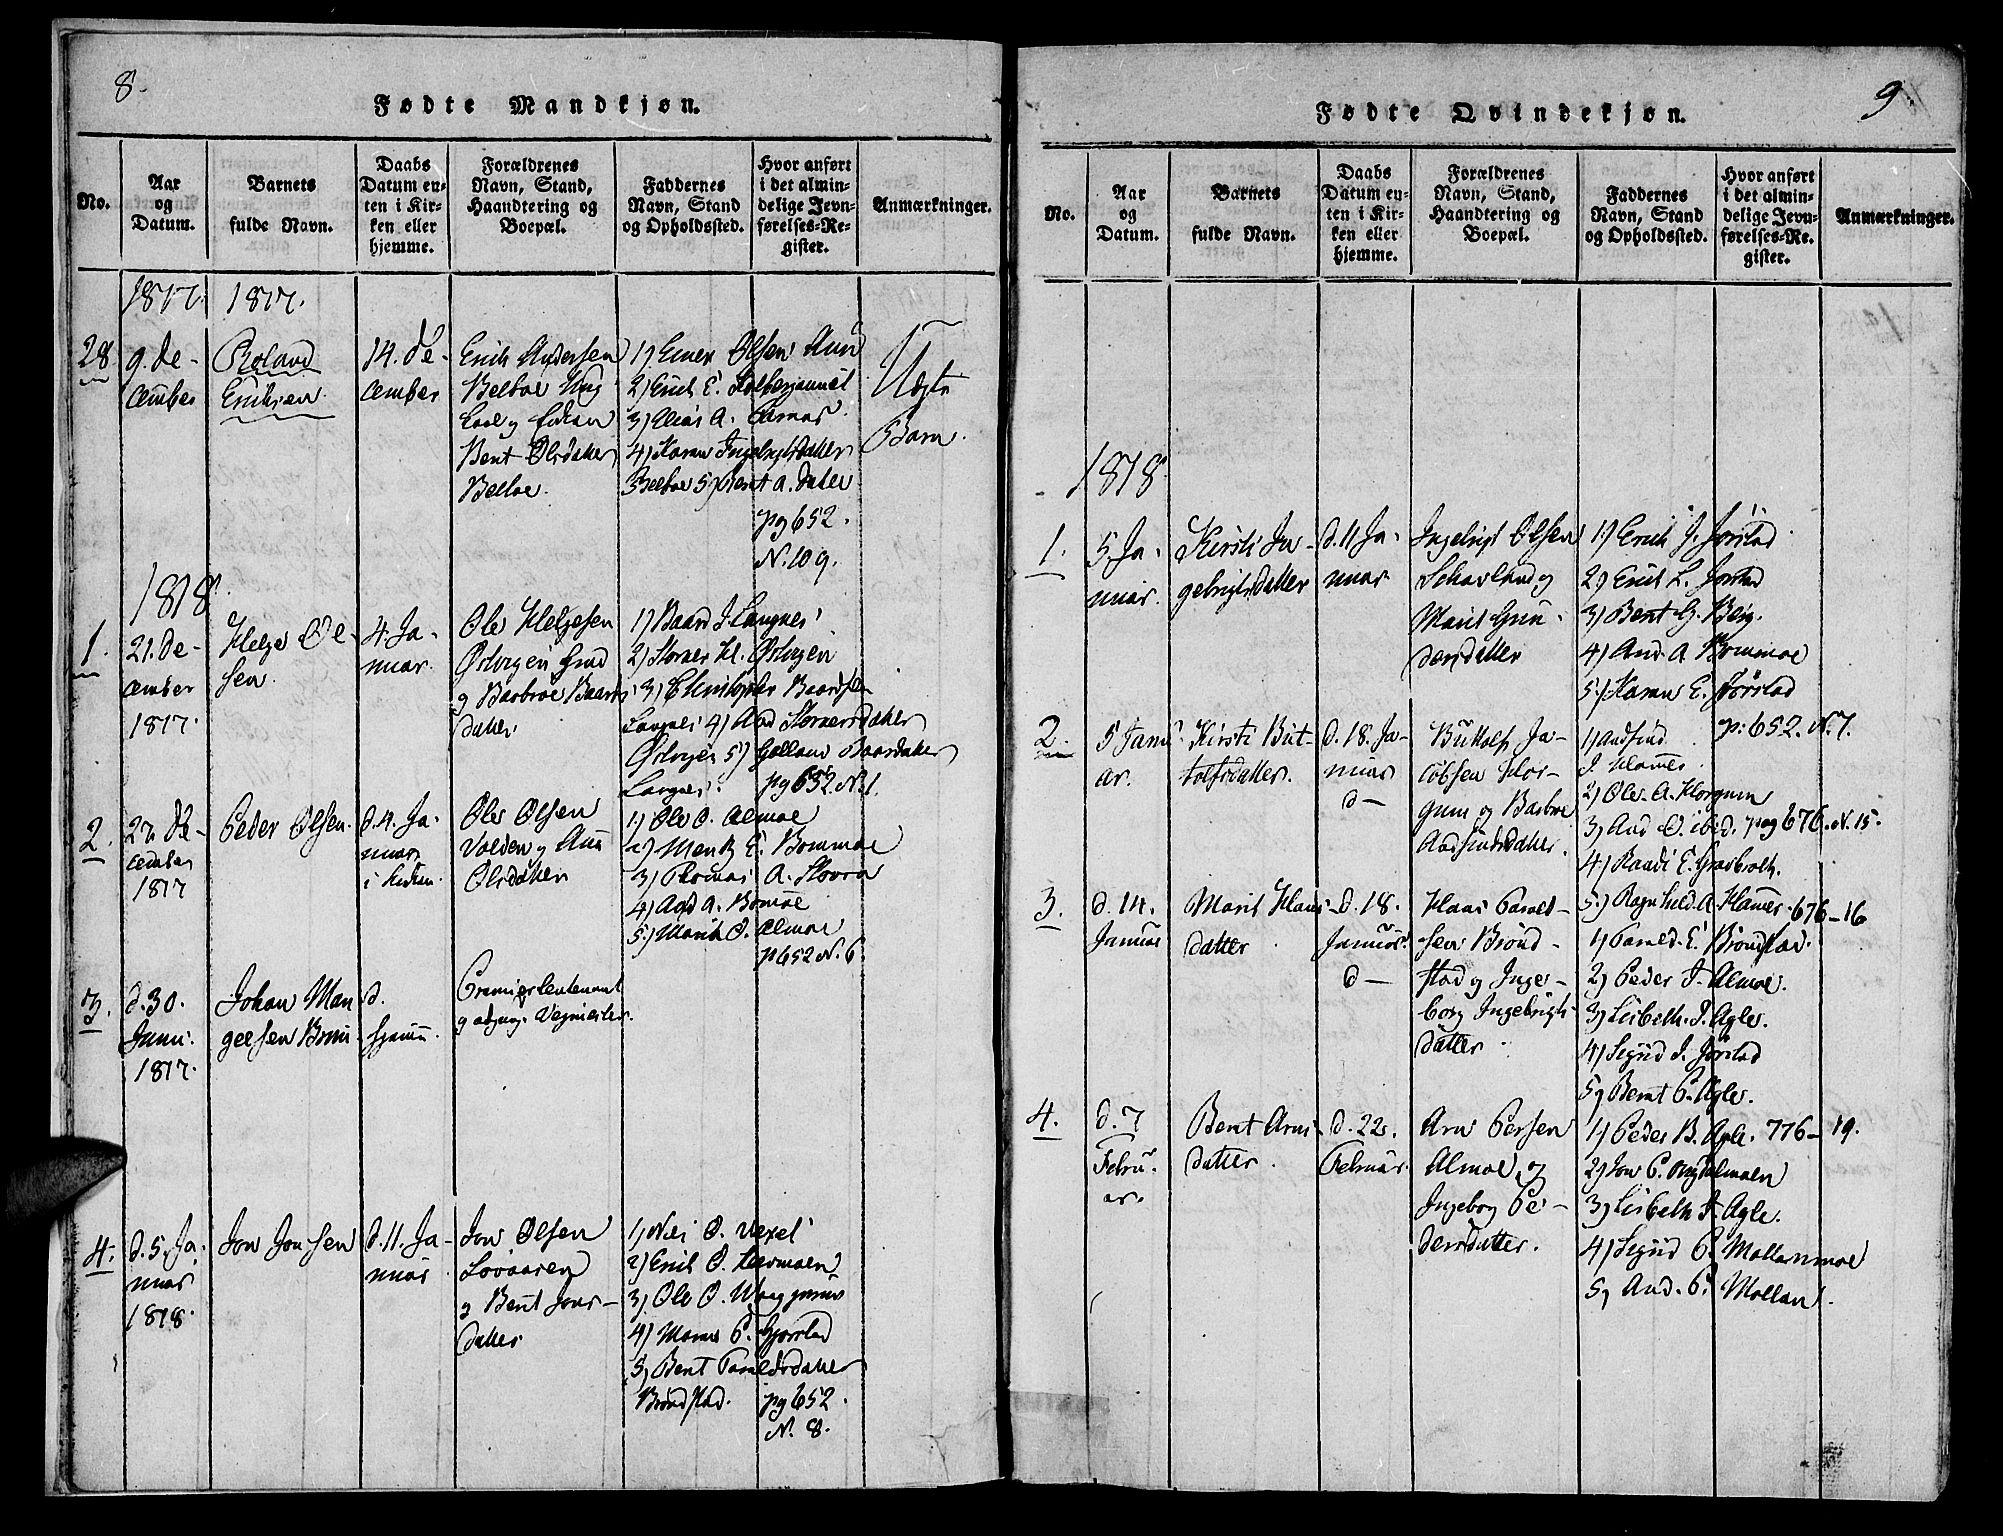 SAT, Ministerialprotokoller, klokkerbøker og fødselsregistre - Nord-Trøndelag, 749/L0479: Klokkerbok nr. 749C01, 1817-1829, s. 8-9